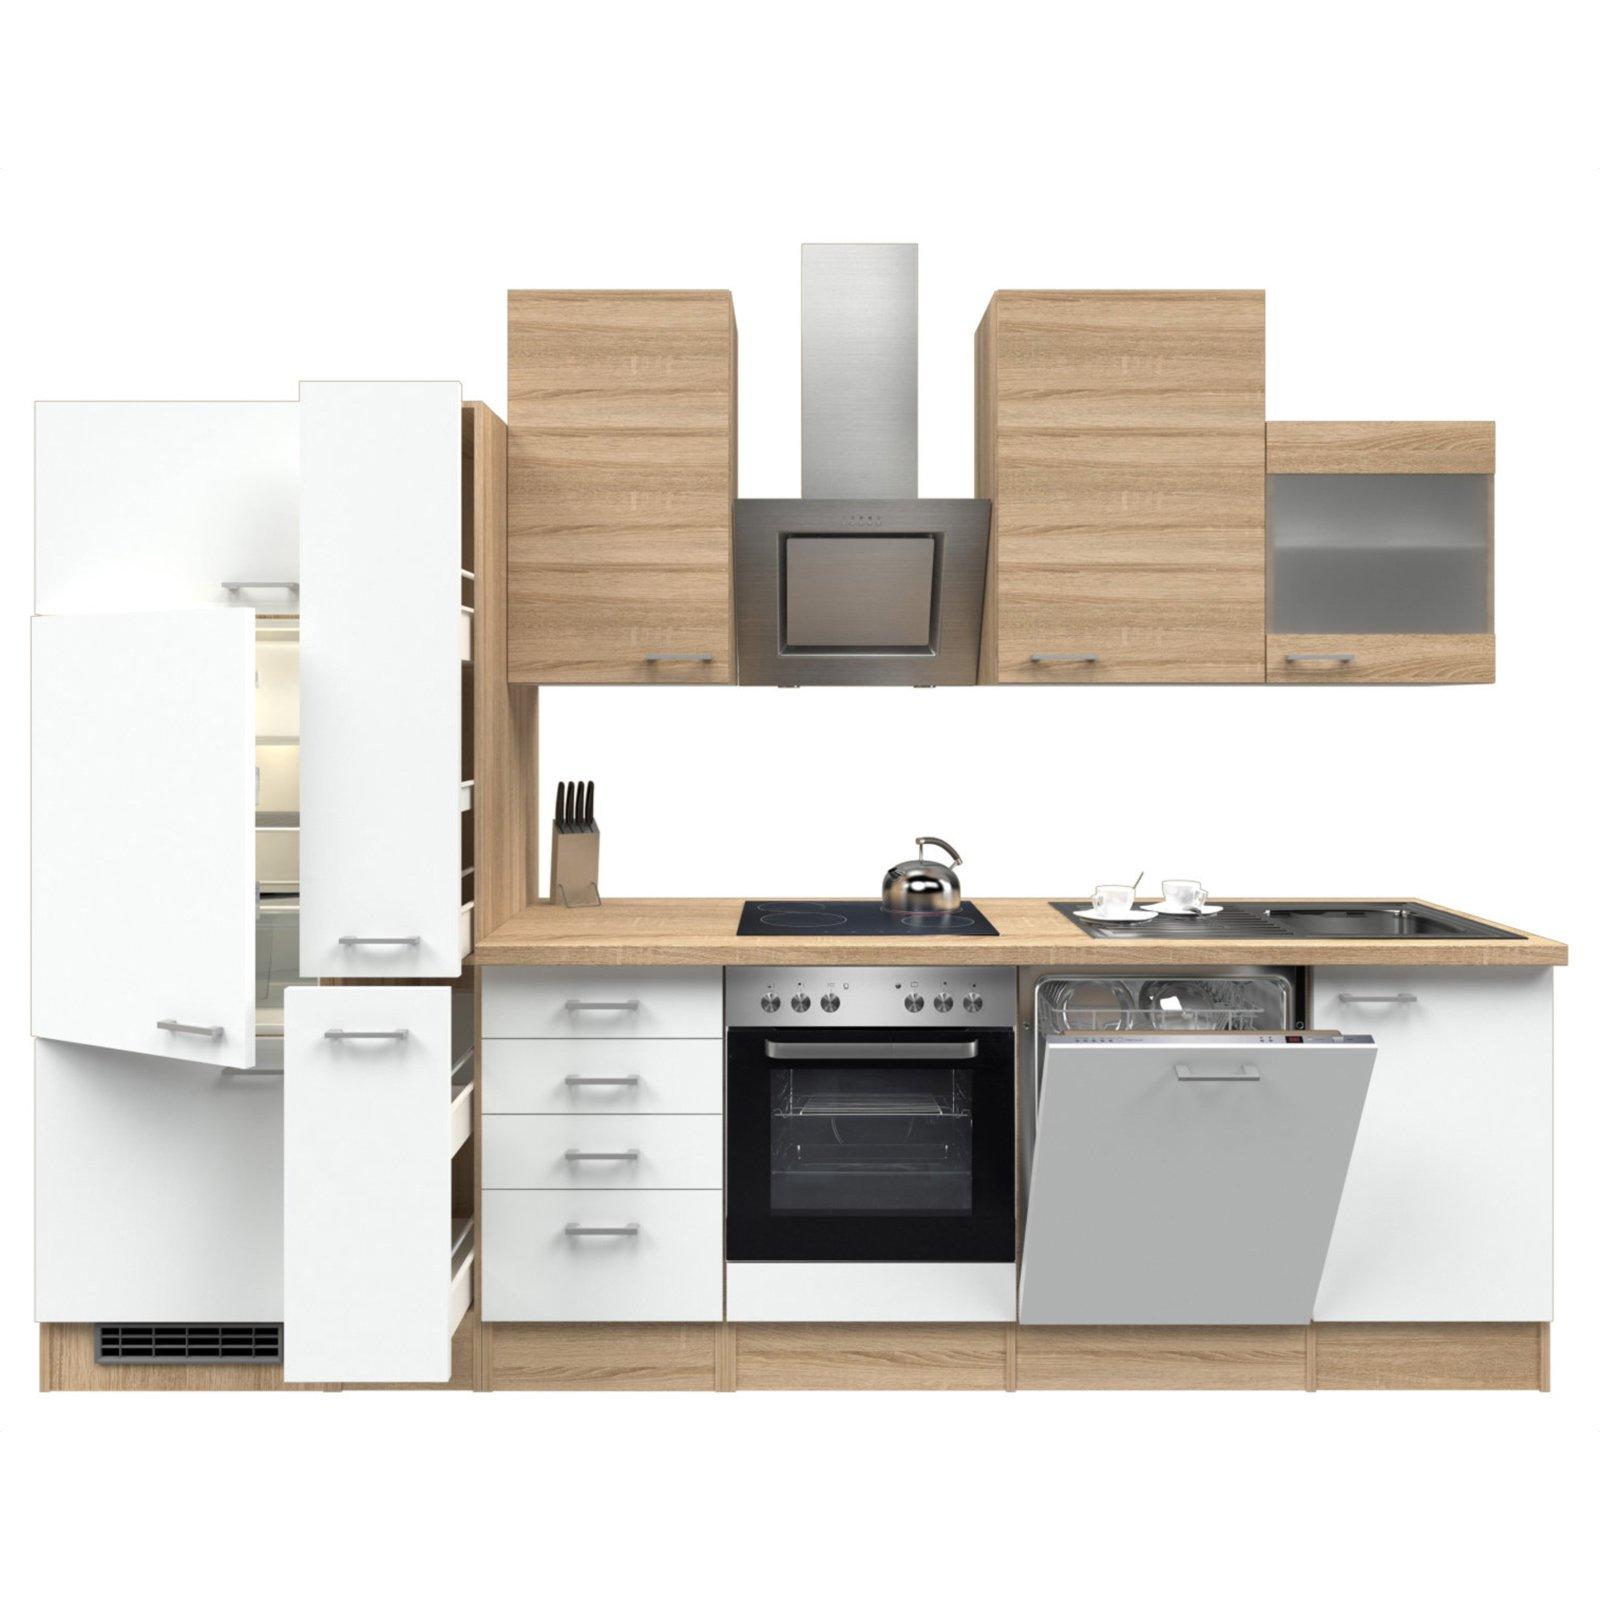 k chenblock samoa wei sonoma eiche mit e ger ten 310 cm k chenzeilen mit e ger ten. Black Bedroom Furniture Sets. Home Design Ideas